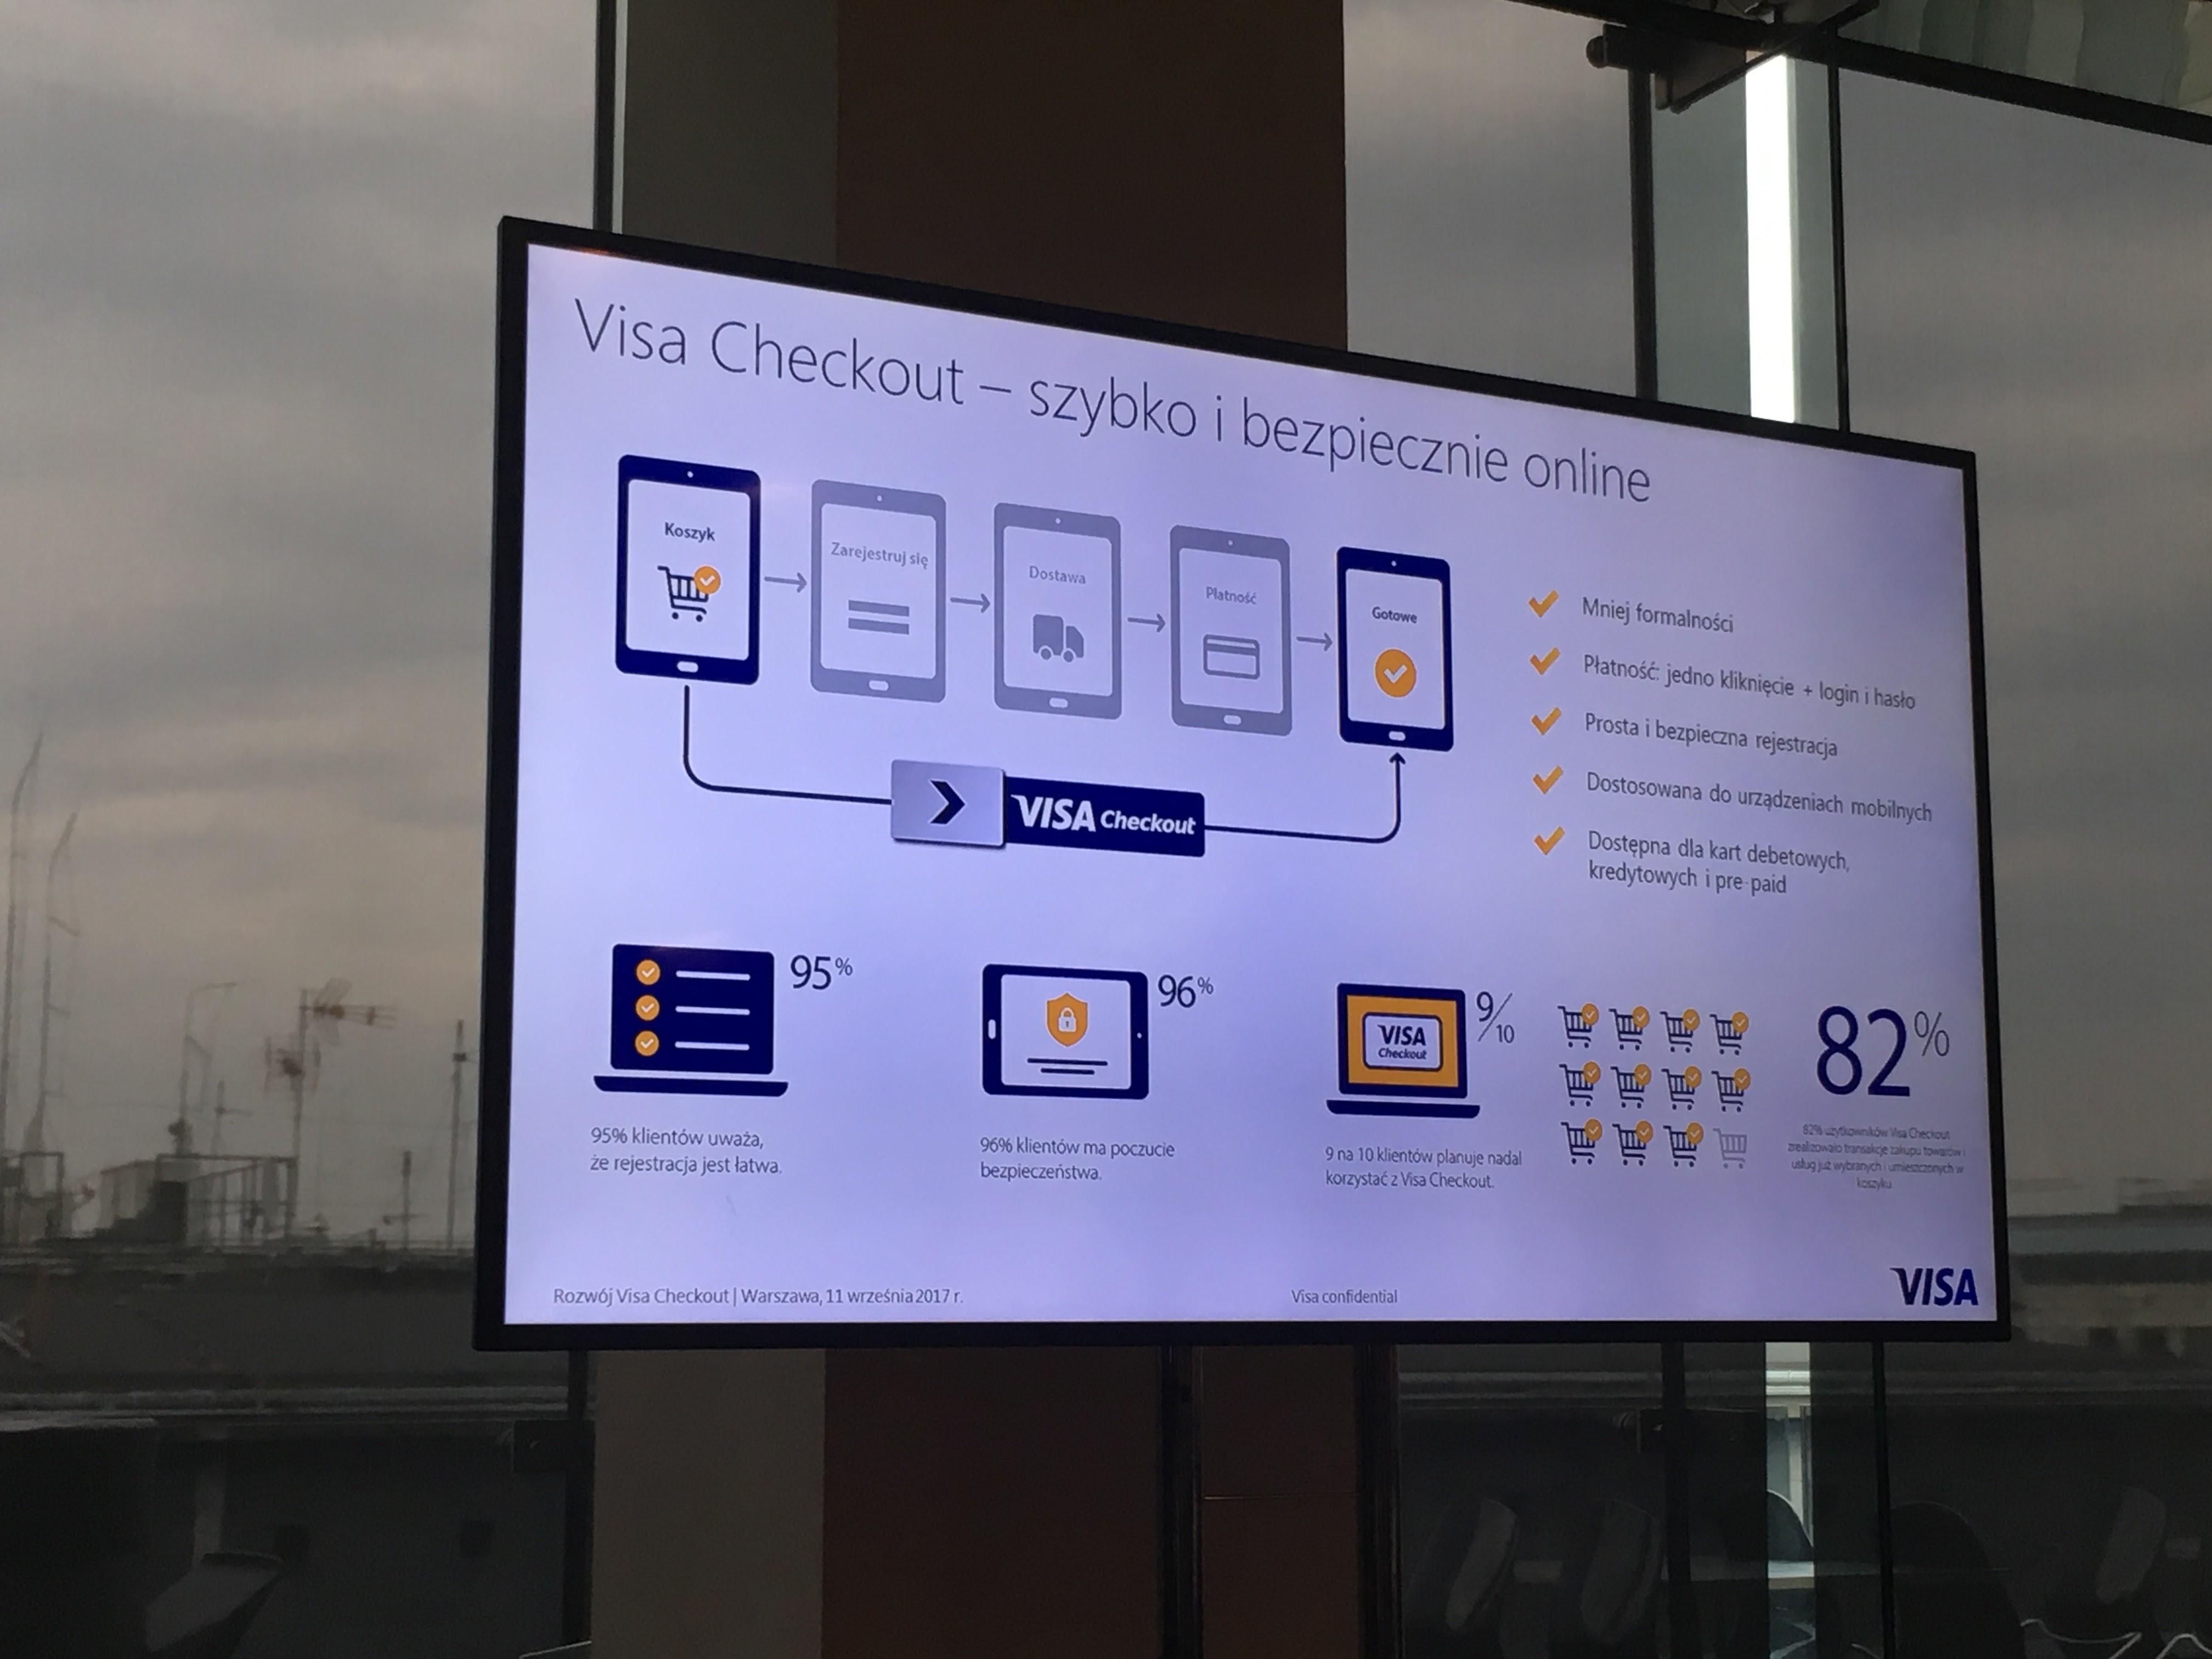 visa checkout - szybko i bezpiecznie online